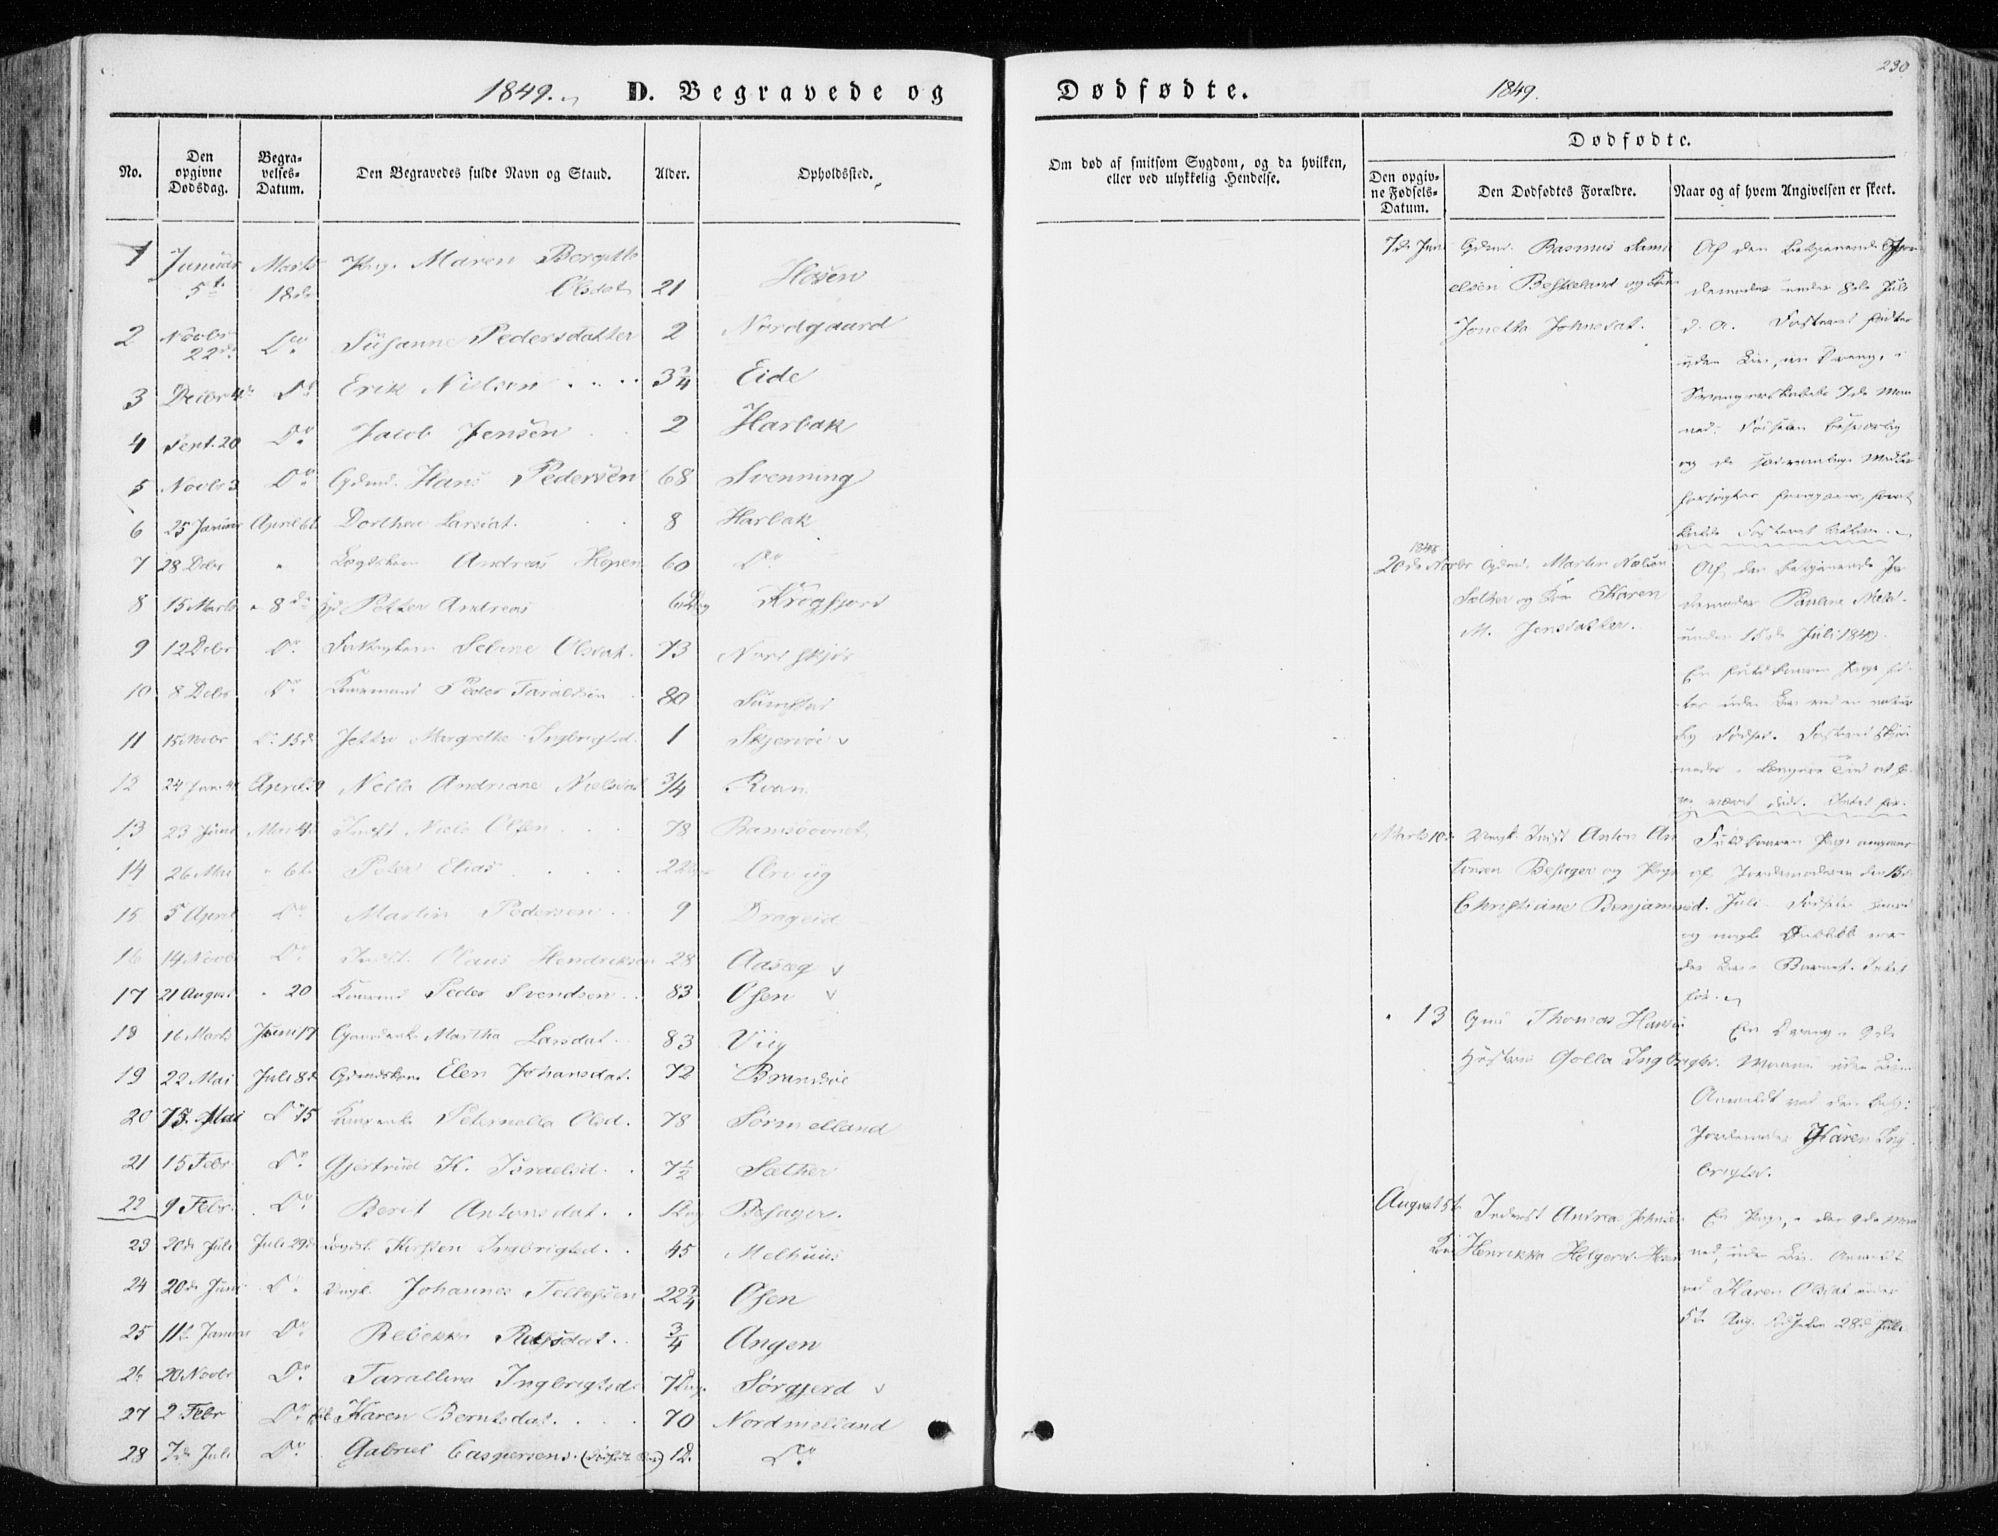 SAT, Ministerialprotokoller, klokkerbøker og fødselsregistre - Sør-Trøndelag, 657/L0704: Ministerialbok nr. 657A05, 1846-1857, s. 230